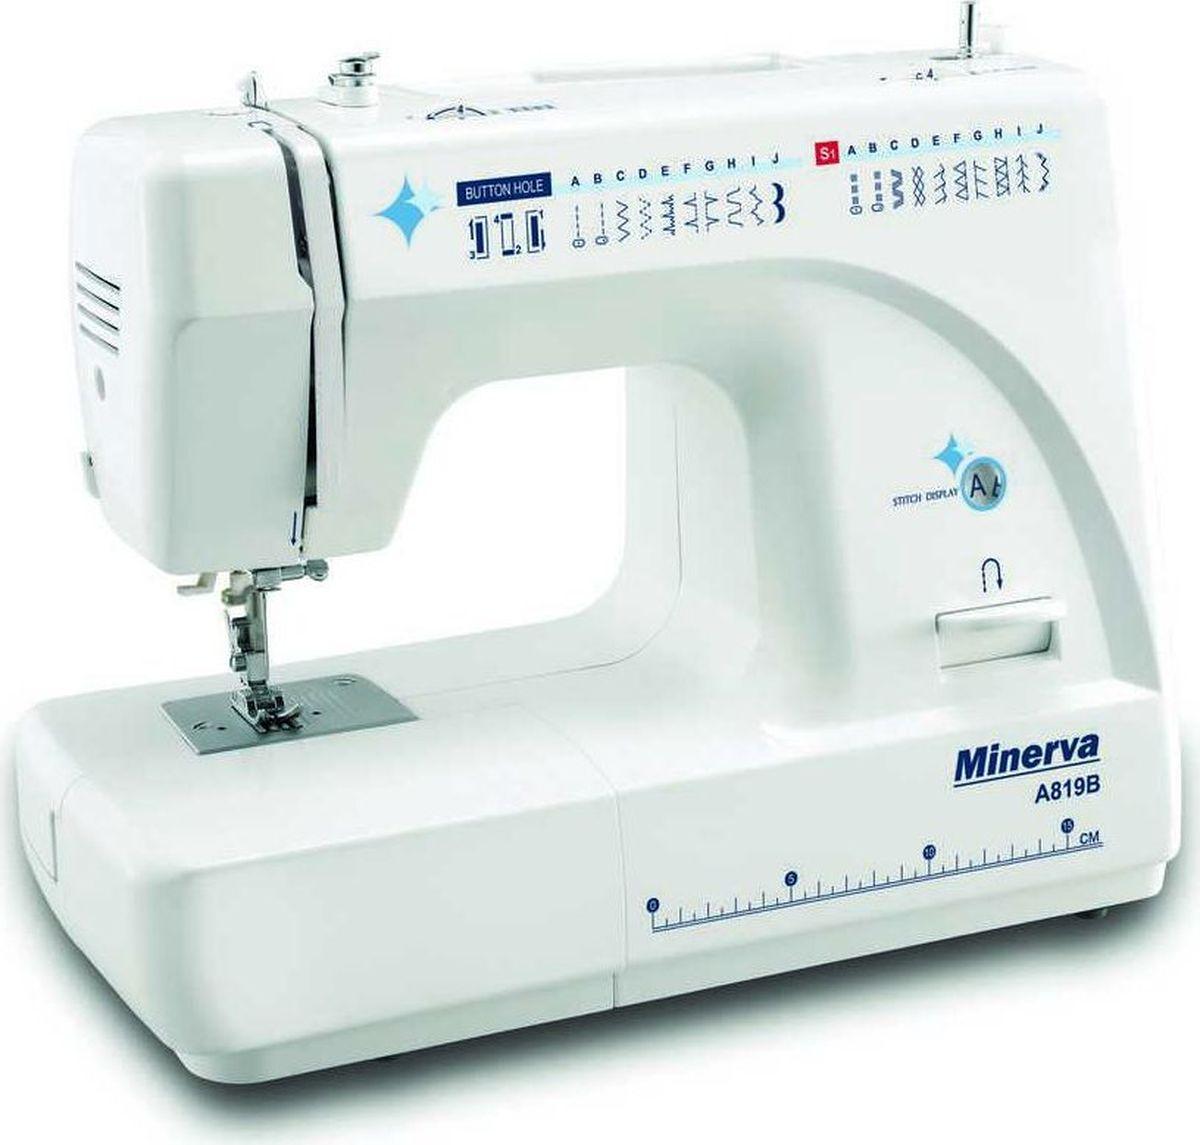 Minerva A819B швейная машинаM-A819BМодель - Minerva A819BMinerva A819B – это машина сочетающая в себе простоту работы и многофункциональность за приемлемую цену.Машина снабжена 19 видами строчек и петлёй полуавтоматом. Среди строчек имеются эластичные строчки для трикотажа, оверлочные, потайные подшивочные, а также фестонные и декоративные строчки для вышивки. Все строчки и операции переключаются в удобном режиме, не усложняя работу. Также машина предполагает работу с двойной иглой, что поможет Вам сделать красивые и ровные отделочные строчки на вашем изделии.Приятным моментом будет для Вас наличие автоматической заправки нити и нитеобрезателя. Это ускорит Вашу работу и упростит процесс замены нитки. Также машина имеет подсветку рабочей поверхности, что сохранит Ваше зрение и улучшит качество работы.Характеристики:Модель: MINERVA A819BКласс -ЭлектромеханическаяПетля - ПолуавтоматЧелнок -ВертикальныйМощность – 85 Вт.Нитеобрезчик - ЕстьСкорость шитья: 800 об/мин.Длина стежка: 4 ммВозможности: Выполняет 19 видов строчек:рабочие операции, эластичные строчки для трикотажных тканей, декоративная и фестонная вышивки, оверлочные строчки, потайная подшивка низа. Вертикальное челночное устройство.Плавная регулировка длины стежка от 0 до 4 мм.Плавная регулировка ширины строчек от 0 до 5 мм.Двойной фиксированный подъем лапки – 6 ммРаботает с различными видами тканей.Автоматическое переключение на холостой ход при намотке на шпульку.Быстрая замена лапокРеверсУдобный выбор строчек и операцииРабота двойной иглойРукавная консольПодсветка рабочей поверхности (лампа накаливания 15 Вт)Комплектация: Направляющая для выстегиванияНабор иглИнструментыШпулькиМягкий чехол.Лапки: Универсальная лапкаЛапка для выметывания петлиЛапка для вшивания молнииЛапка для пришивания пуговицДисплей - НетКорпус -ПластикСтрана производитель - Китай3 года гарантии.